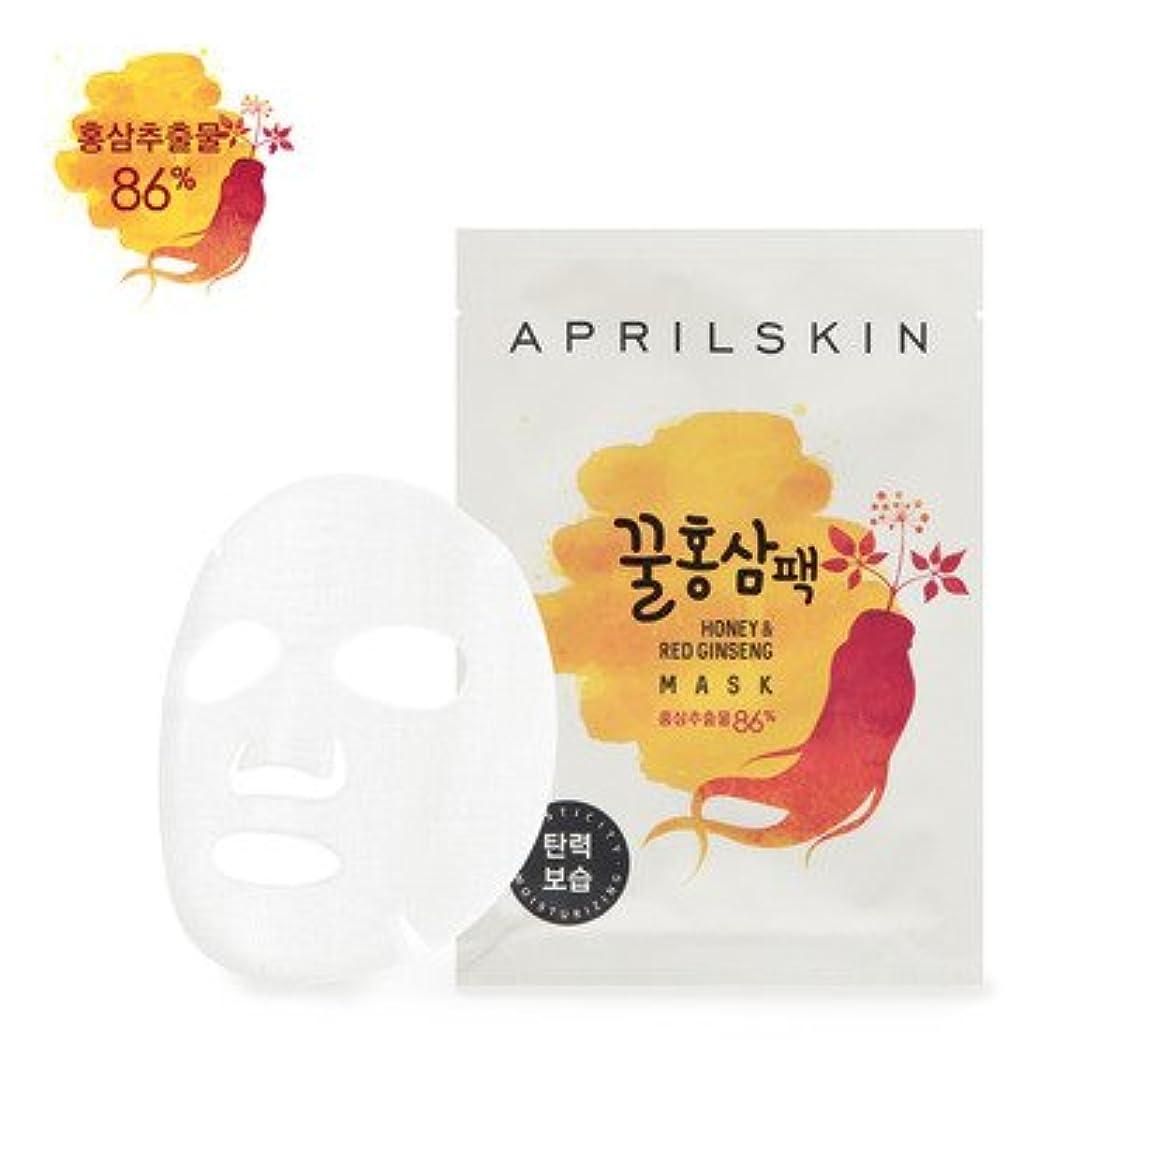 合併症順応性ワイヤーAPRILSKIN Honey & Red Ginseng Mask 25g × 10EA/エイプリルスキン ハニー&紅参 マスク 25g × 10枚 [並行輸入品]